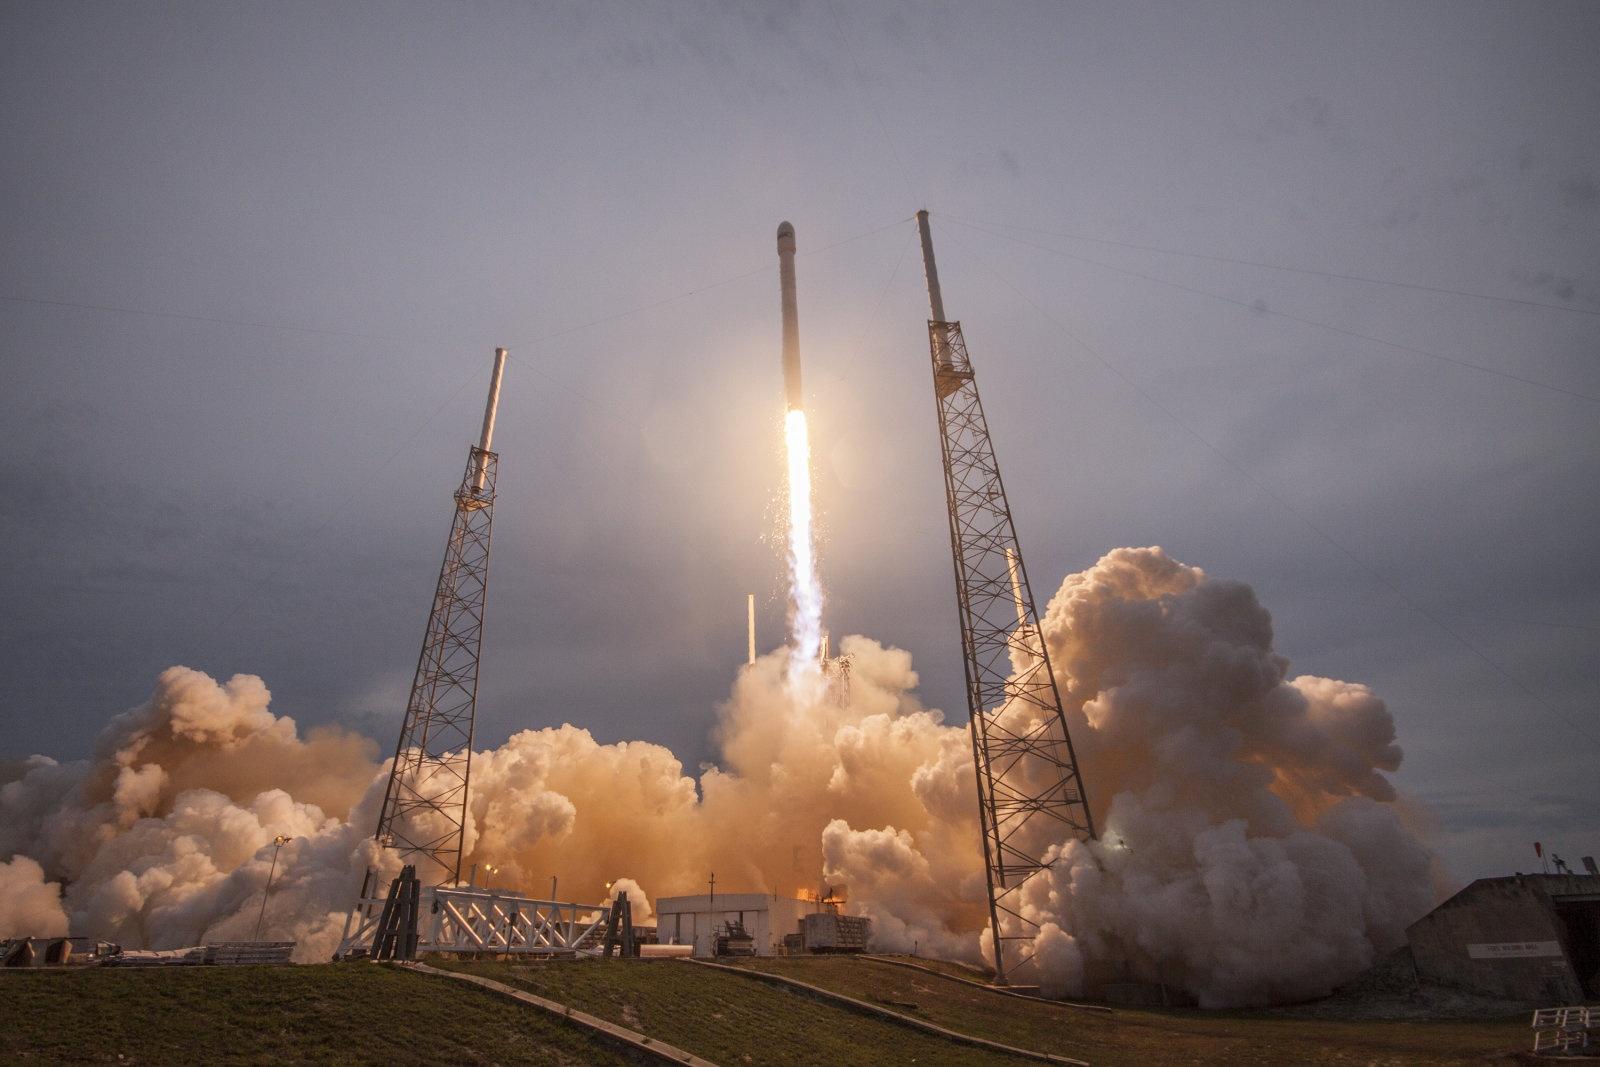 Илон Маск: запуски SpaceX возобновятся в середине декабря, определена причина взрыва Falcon 9 - 1